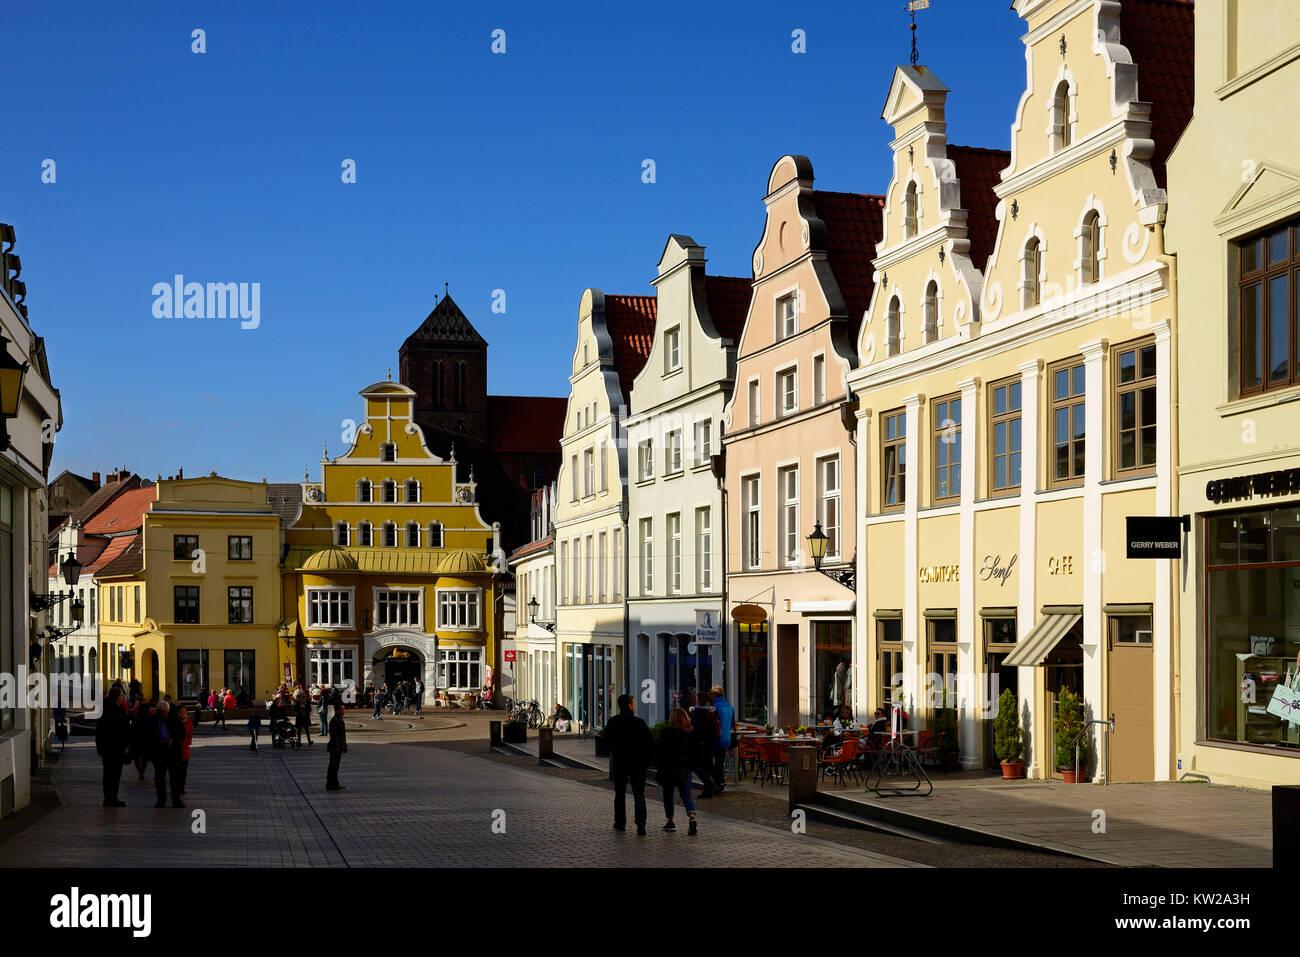 Wismar, house gable in Kr?merstrasse, Hausgiebel in der Krämerstrasse - Stock Image